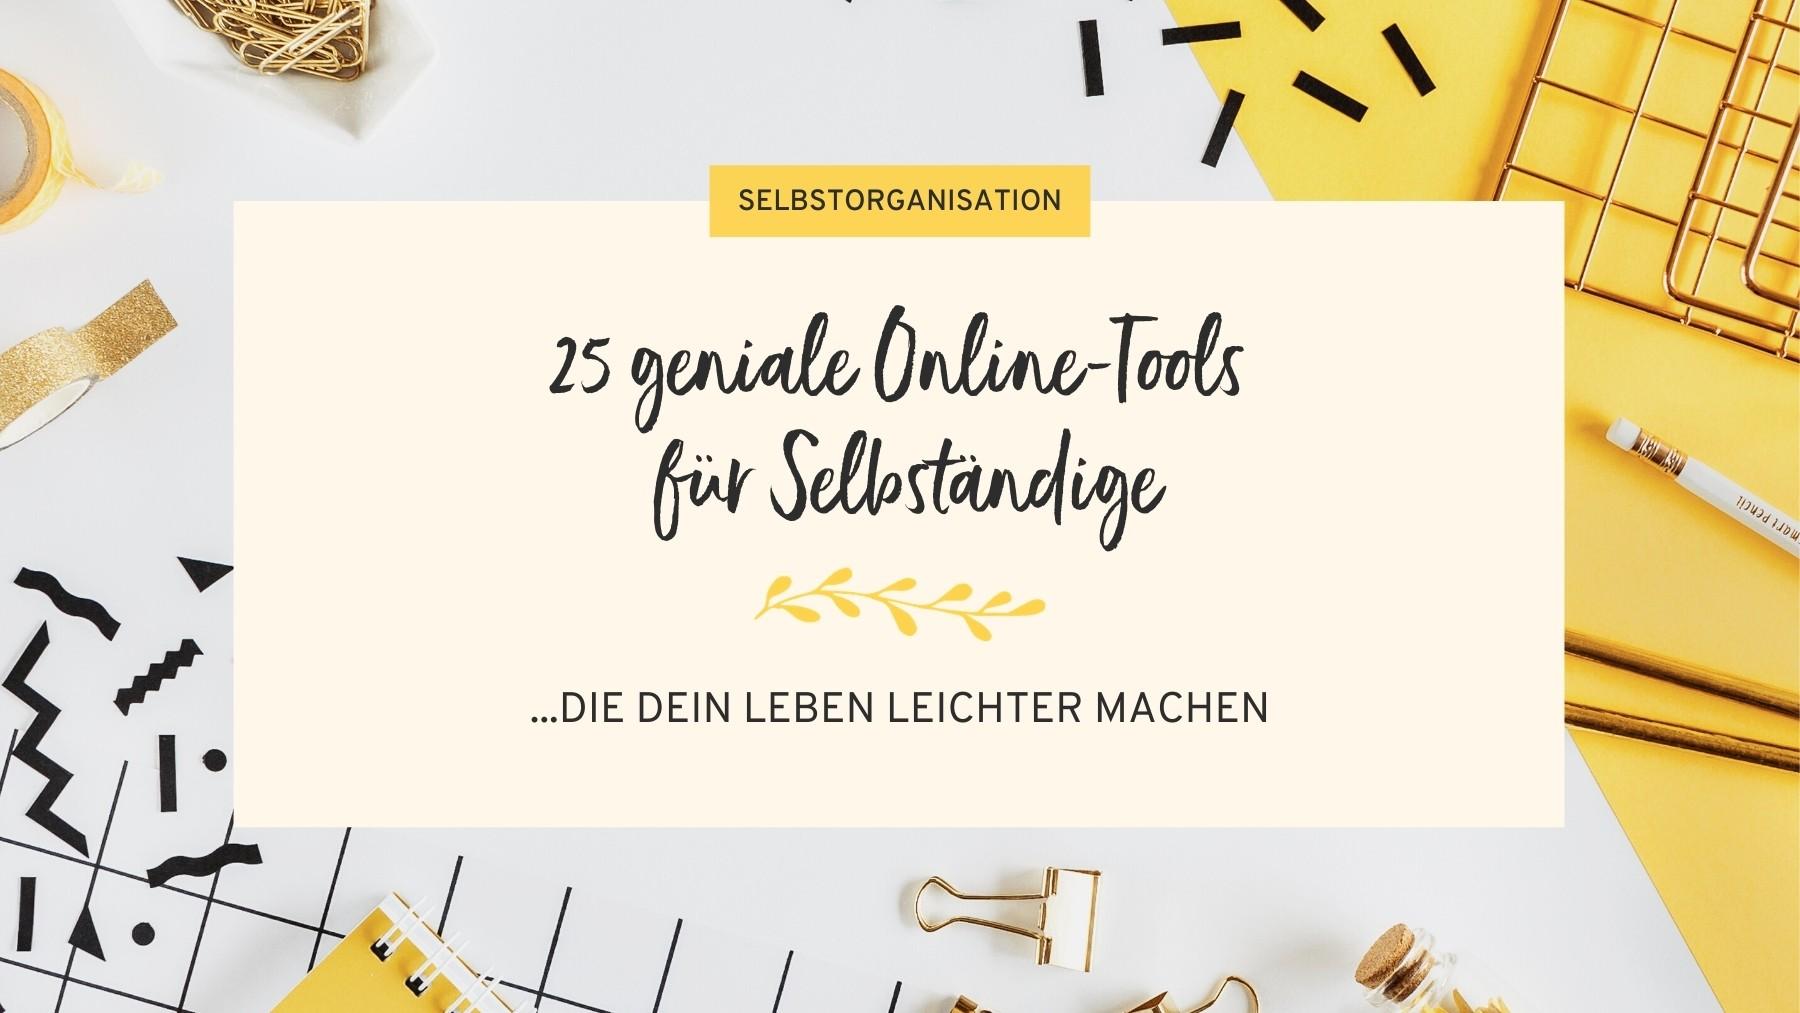 25 geniale Online-Tools für Selbständige, die Dein Leben vereinfachen